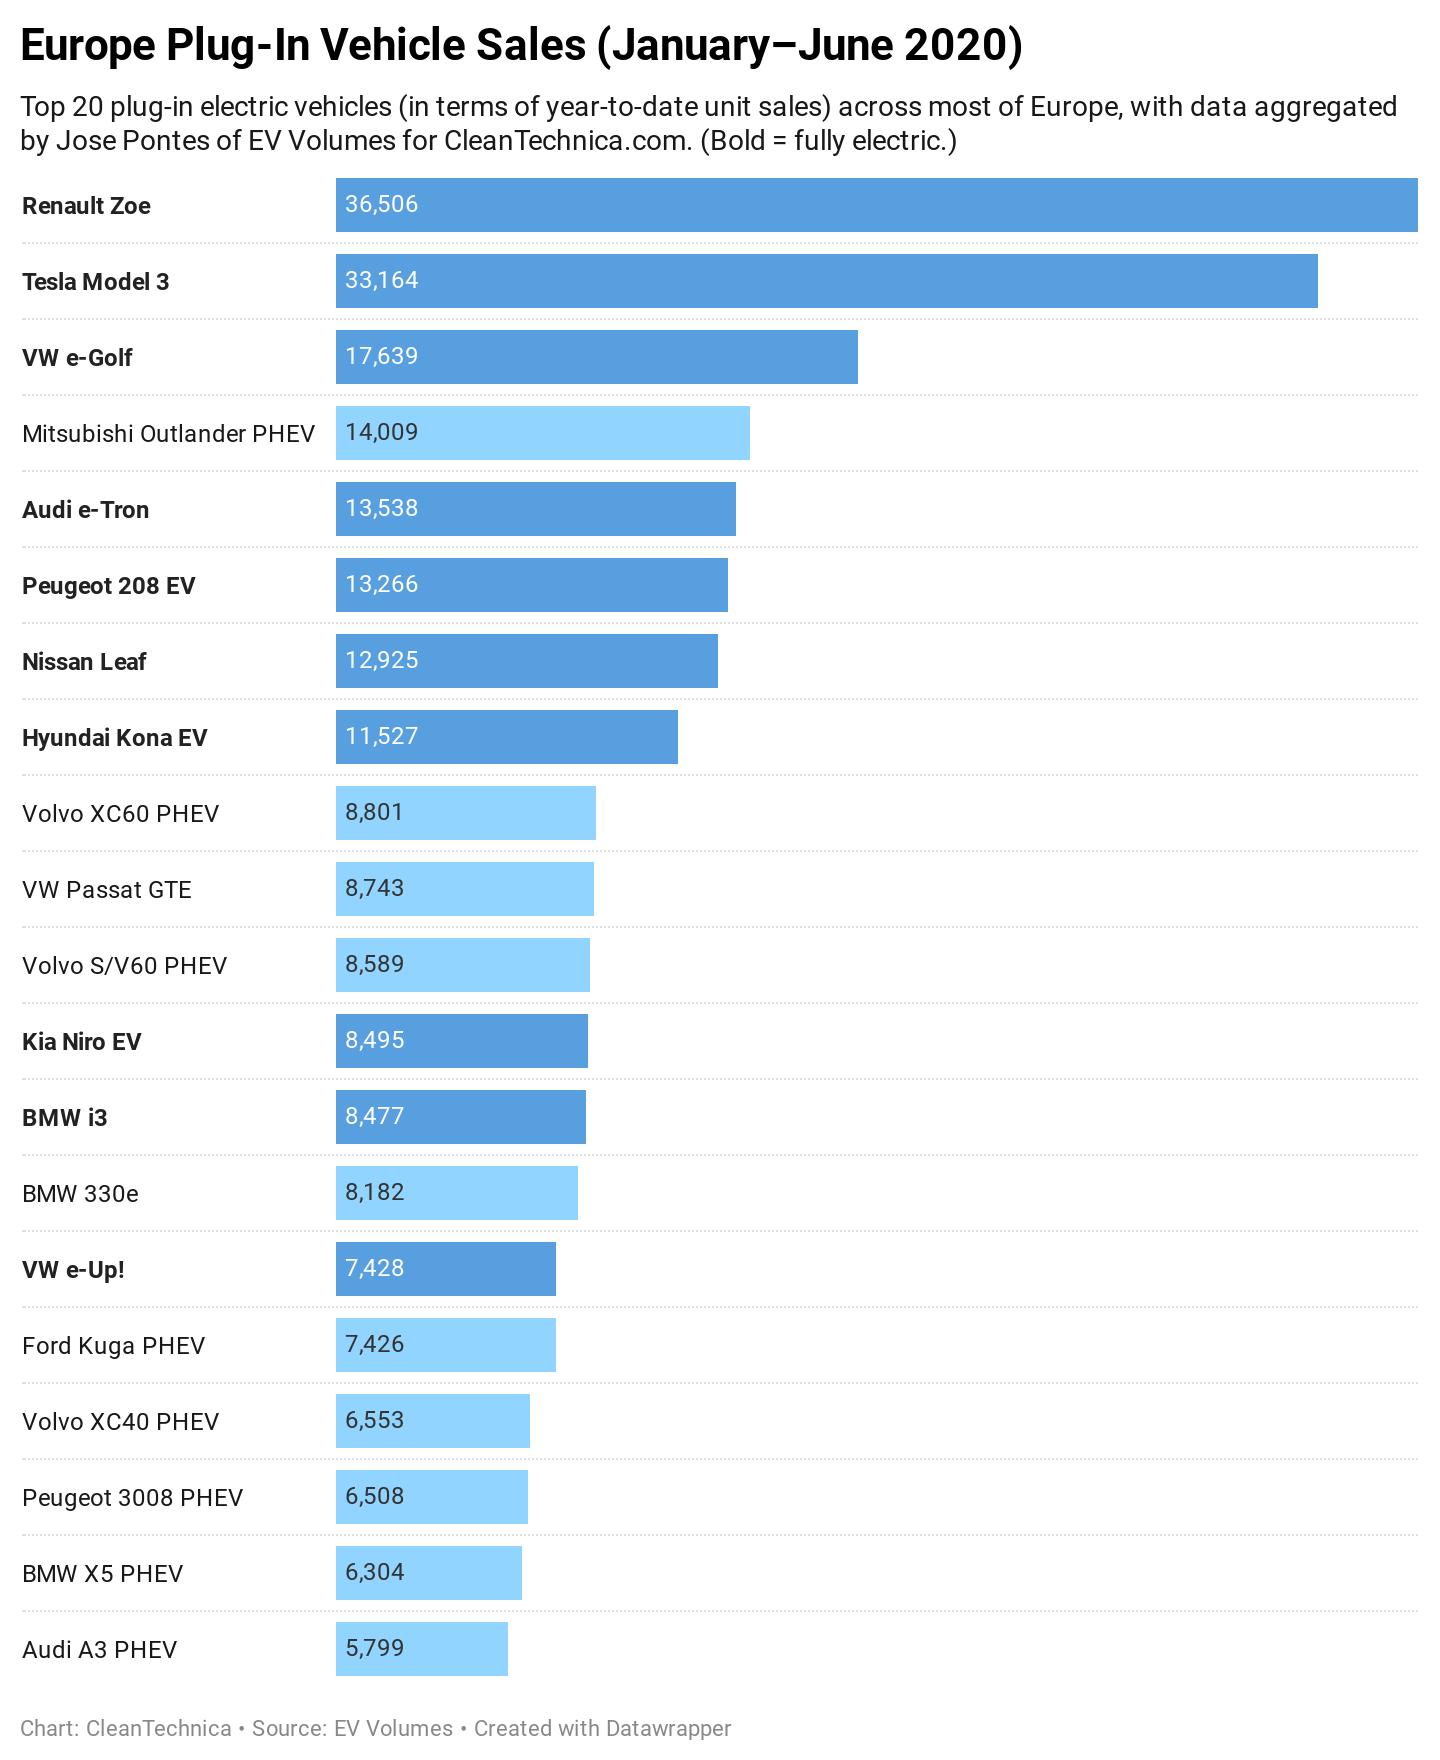 Електромобільний бум. Топ-20 моделей, що найбільше продаються в Європі